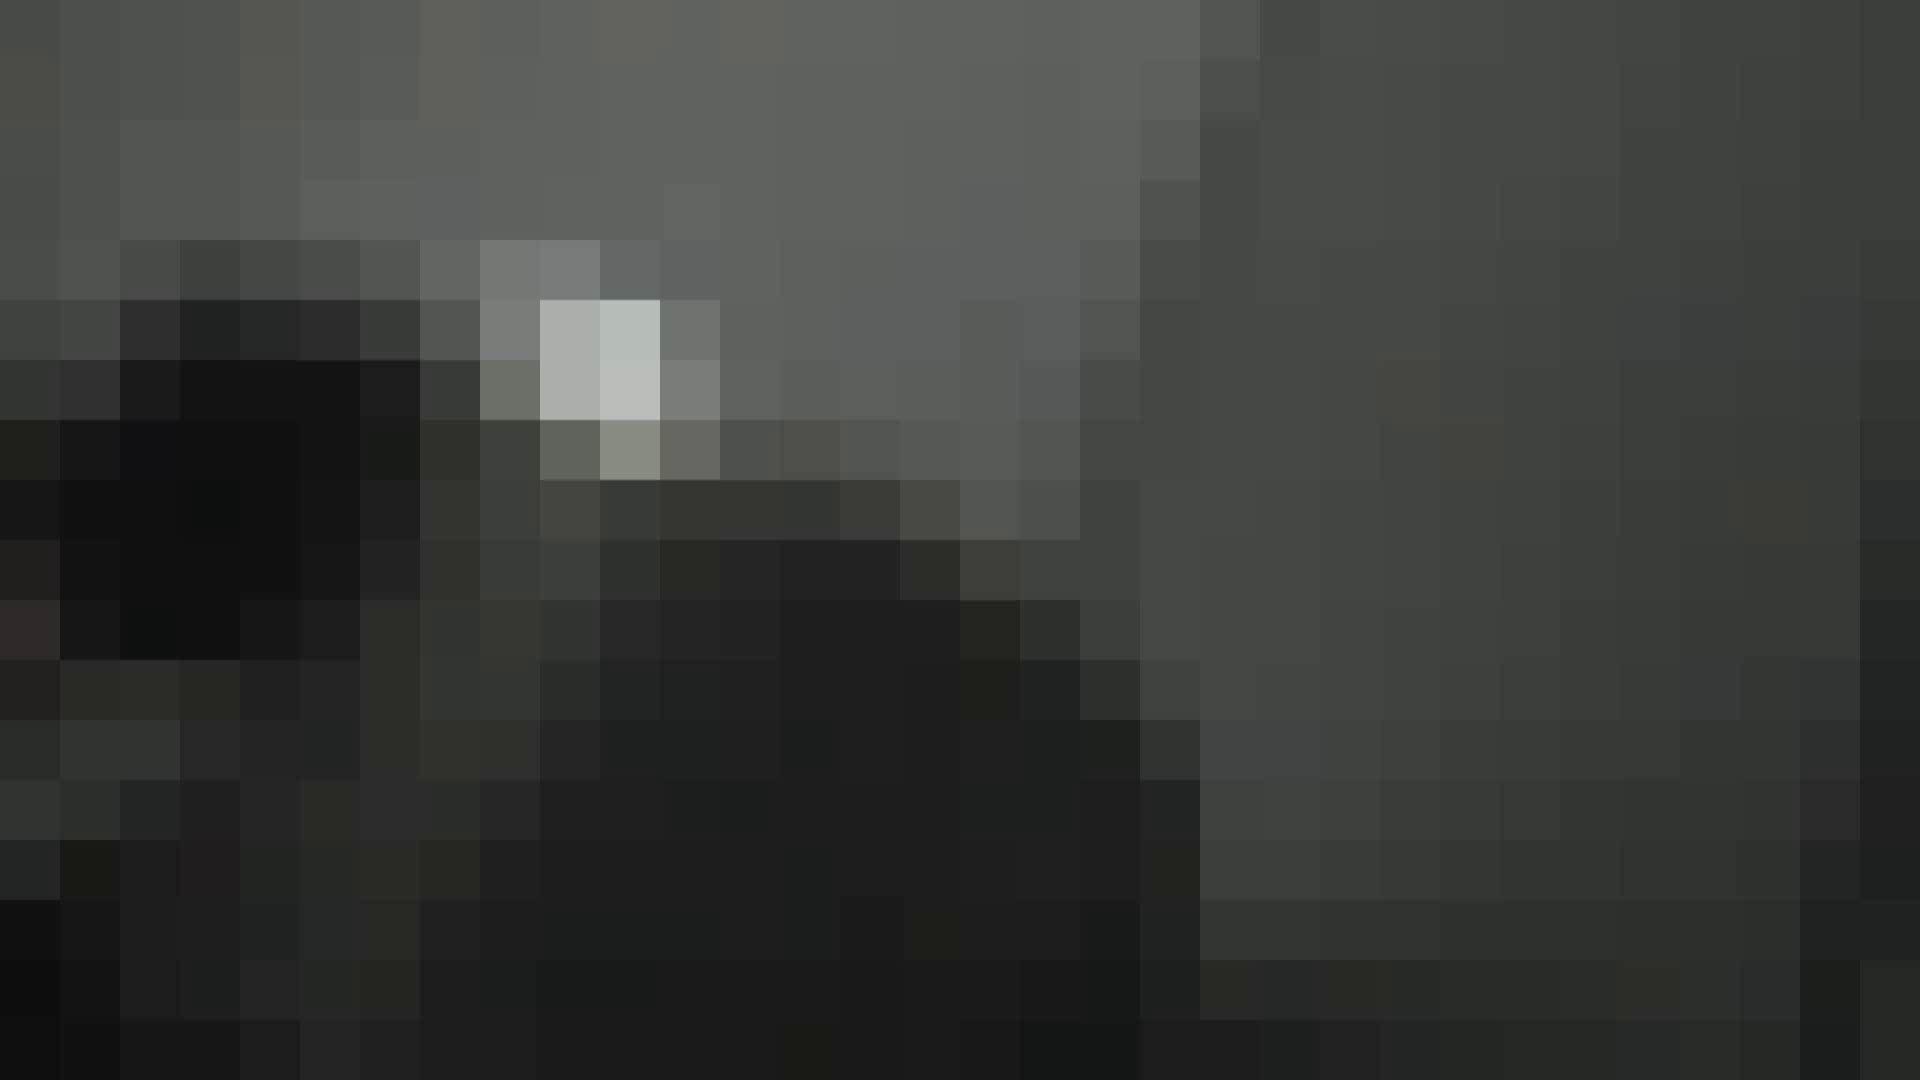 美女詰め合わせギフトvol.04 デパート+α 美女 盗撮オマンコ無修正動画無料 56pic 20